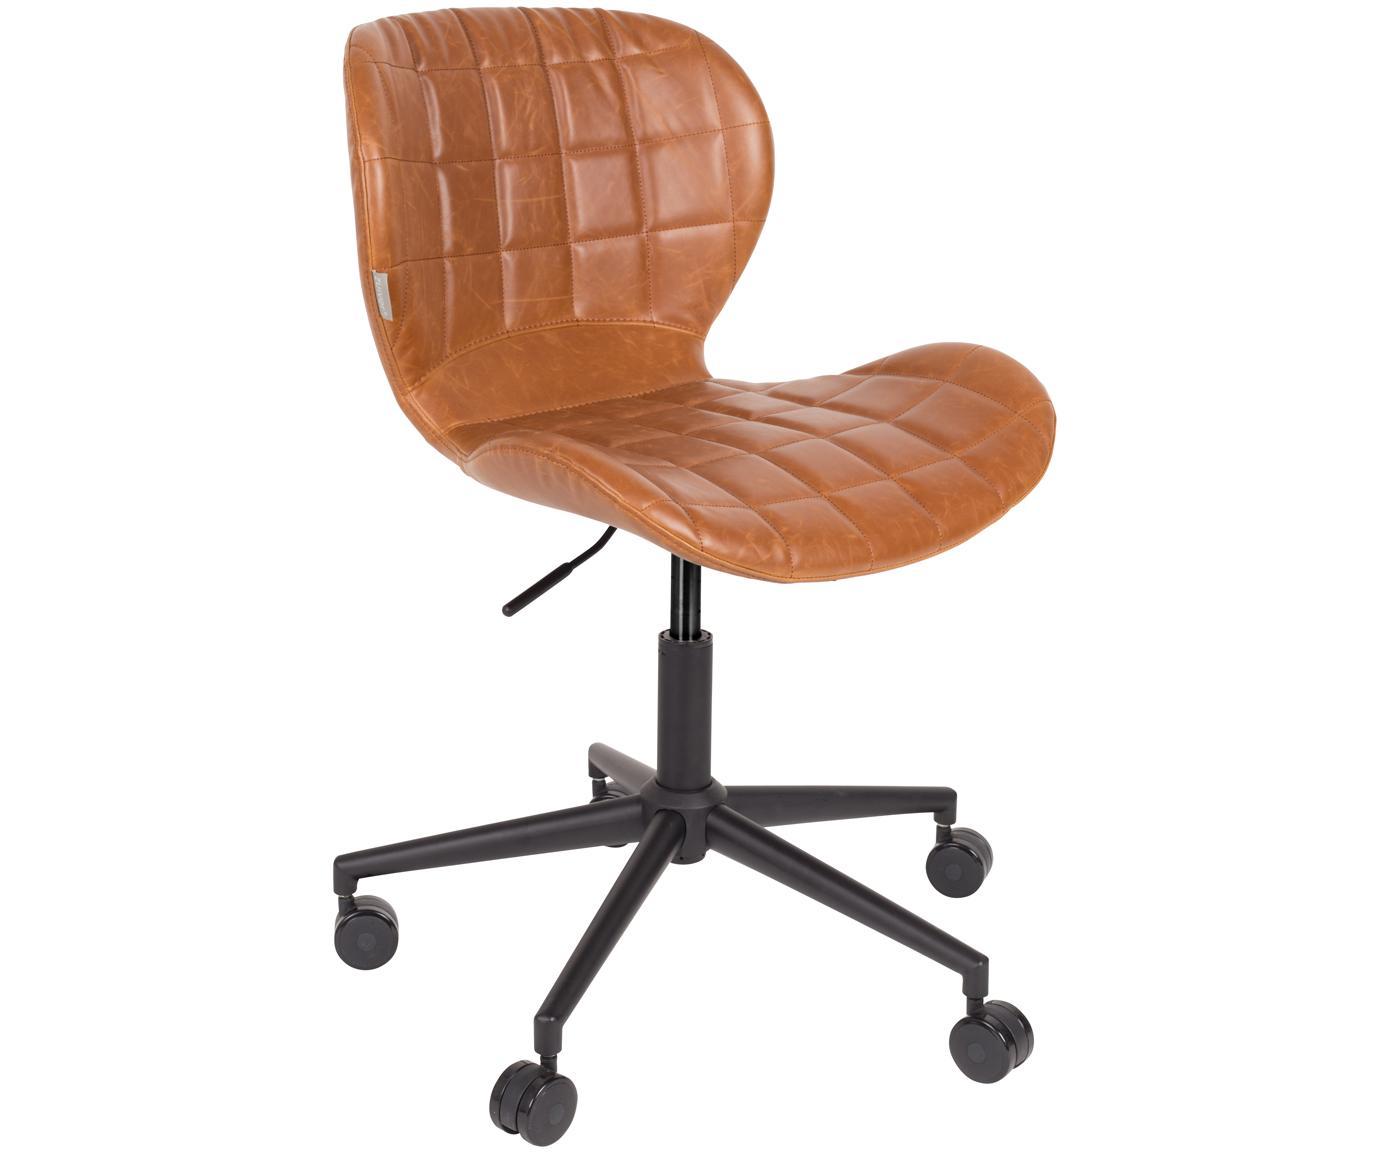 Sedia da ufficio girevole OMG, Rivestimento: pelle sintetica (50% poli, Struttura: acciaio verniciato a polv, Rivestimento: marrone Base con ruote: nero, Larg. 65 x Alt. 76 cm